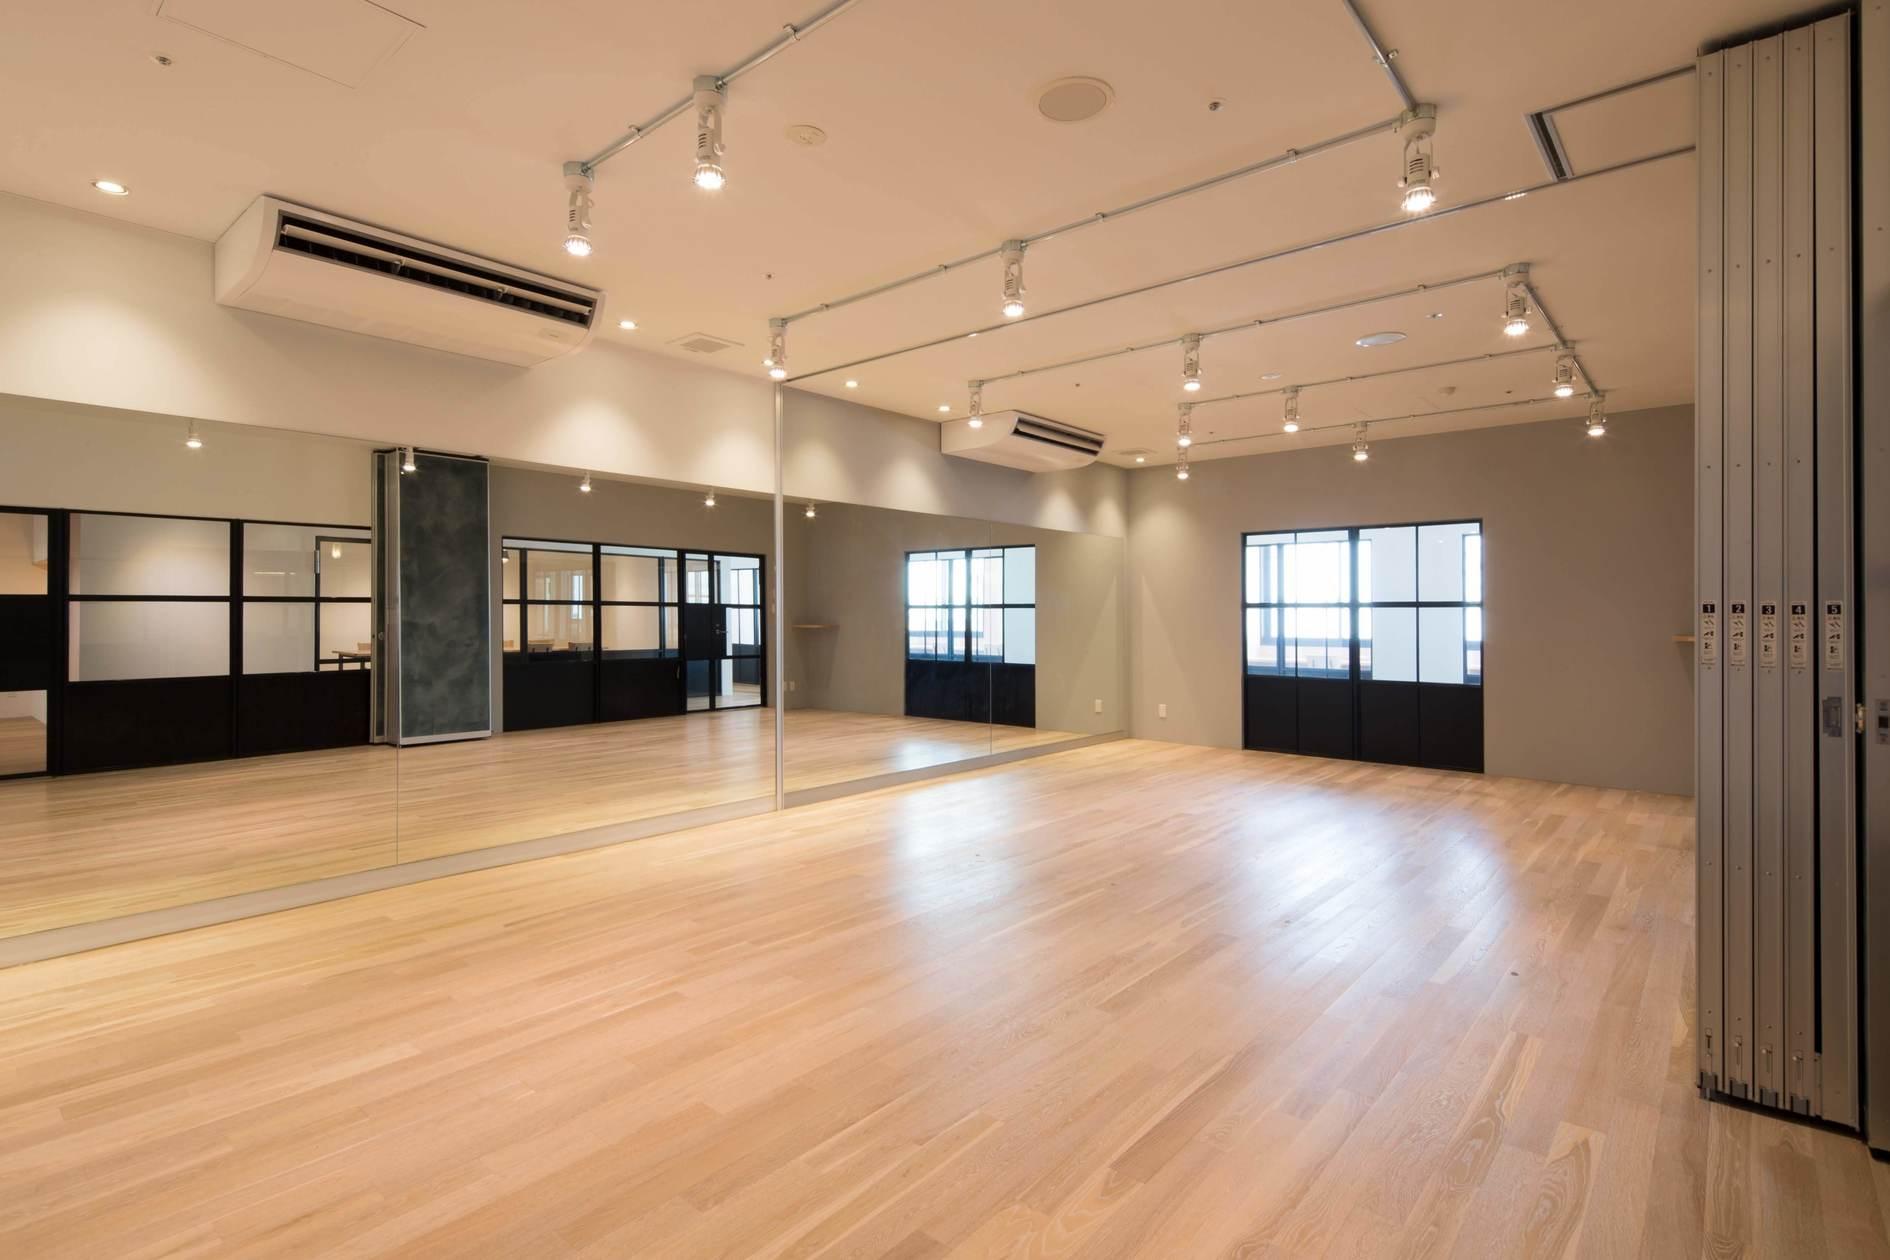 【広大な駐車場つき】ヨガ・ダンス・セミナー、多目的に使える鏡張りレンタルスタジオ【会議机・イス・Wi-Fi・プロジェクター無料】 の写真